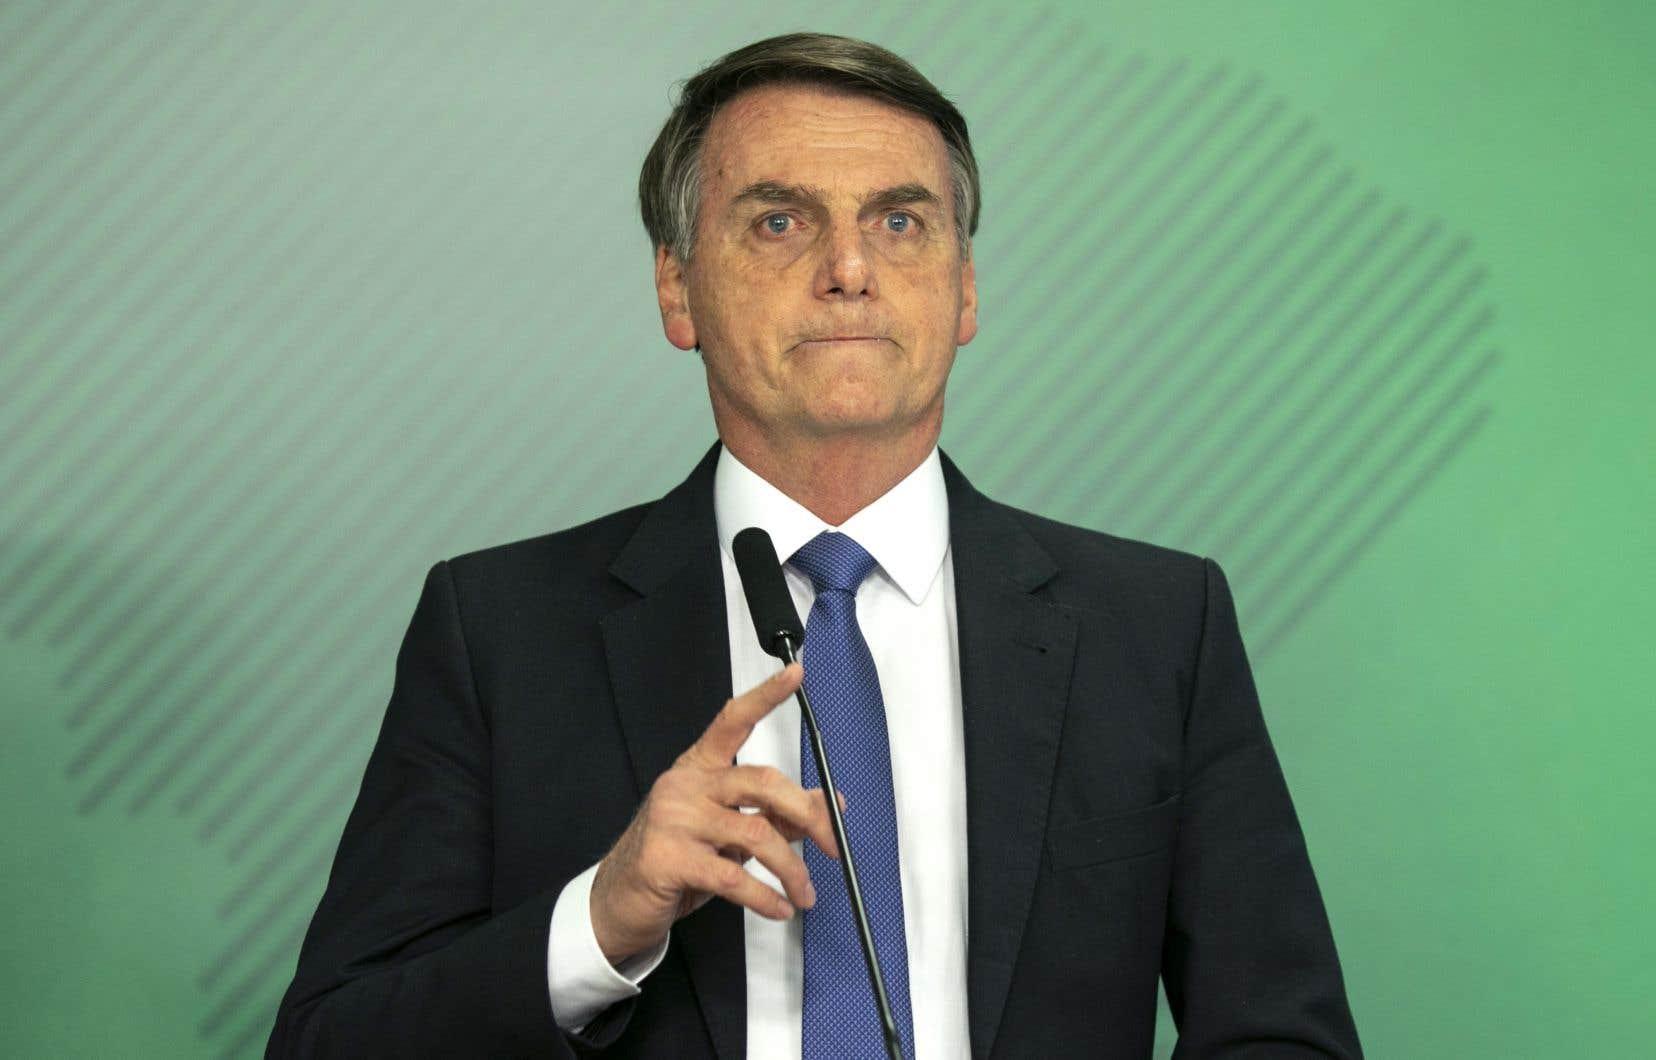 Le nouveau président du Brésil Jair Bolsonaro estentré en fonction le 1erjanvier.